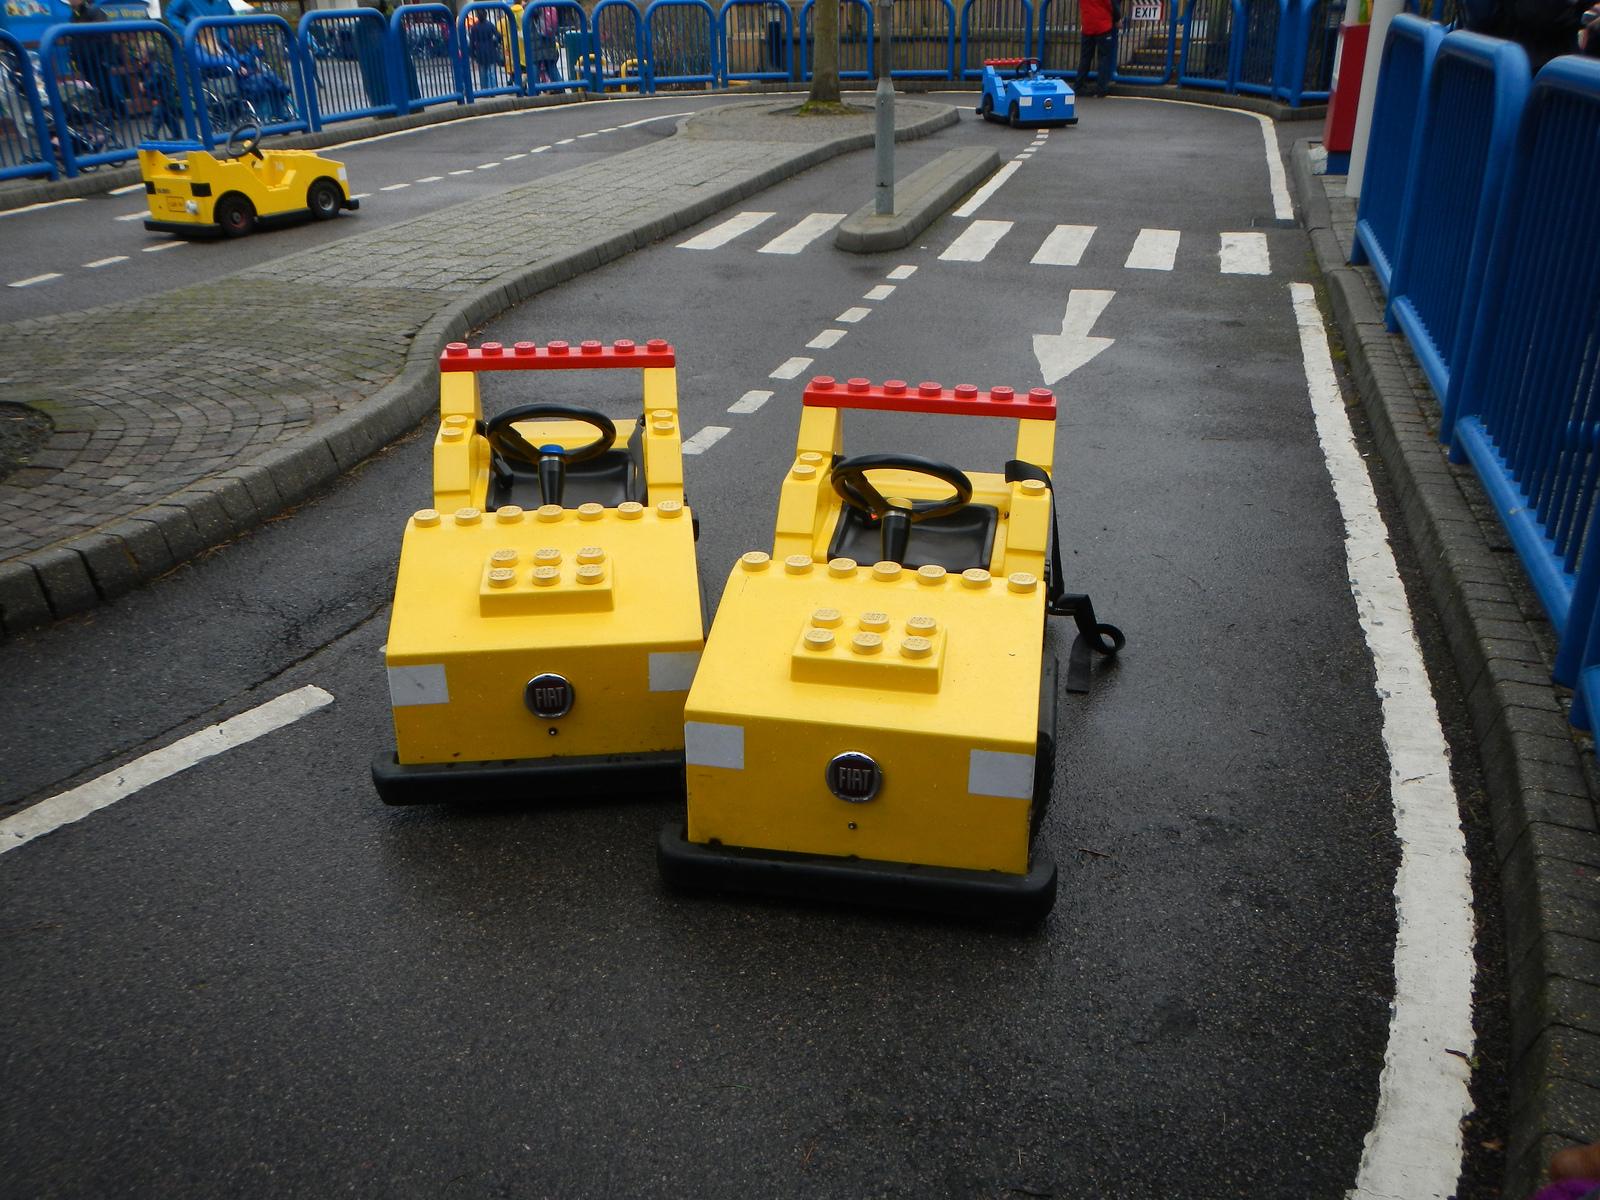 Adorable Lego Cars